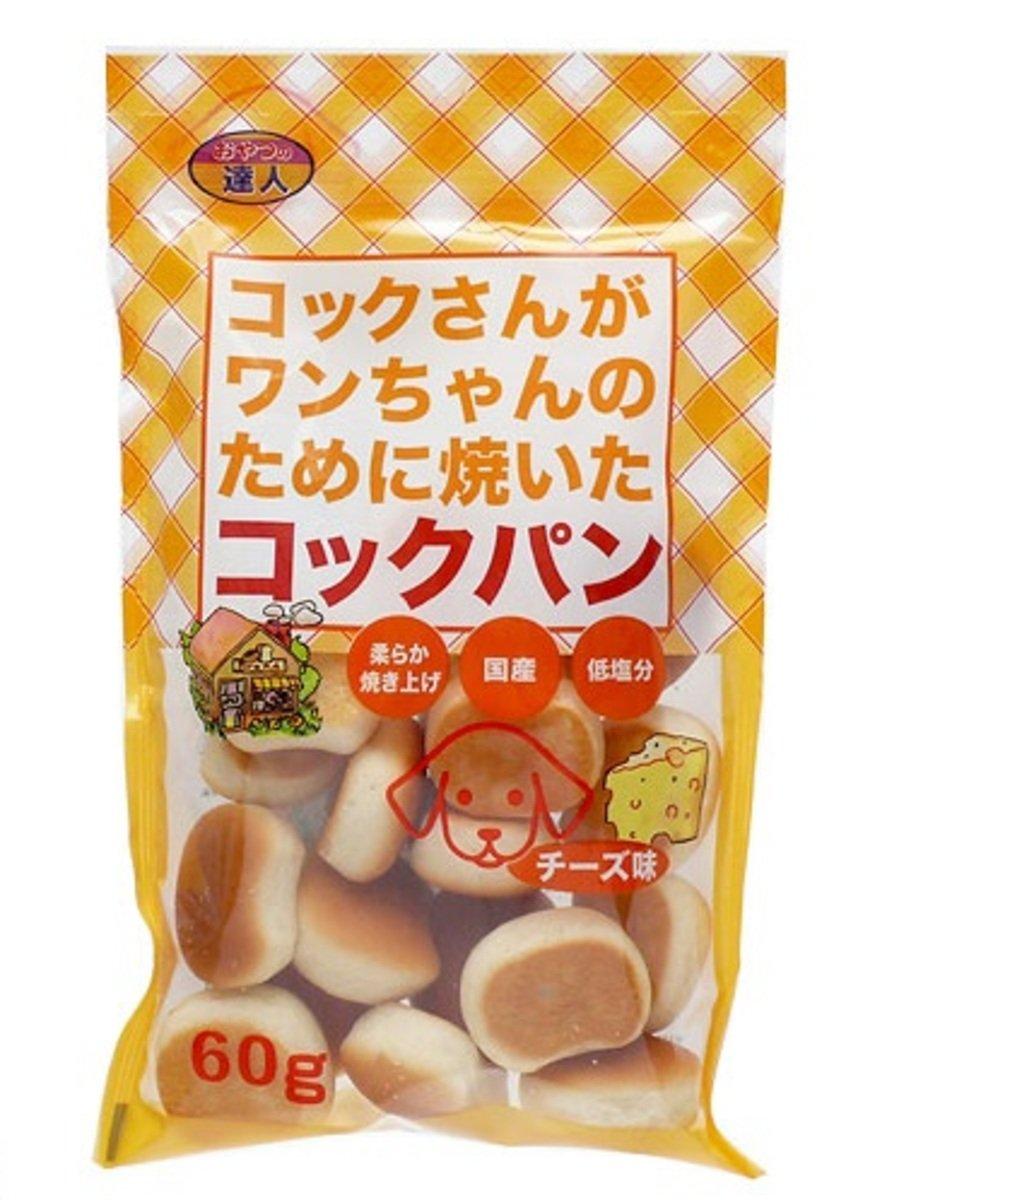 日本 SANMATE 芝士味麵包 60g